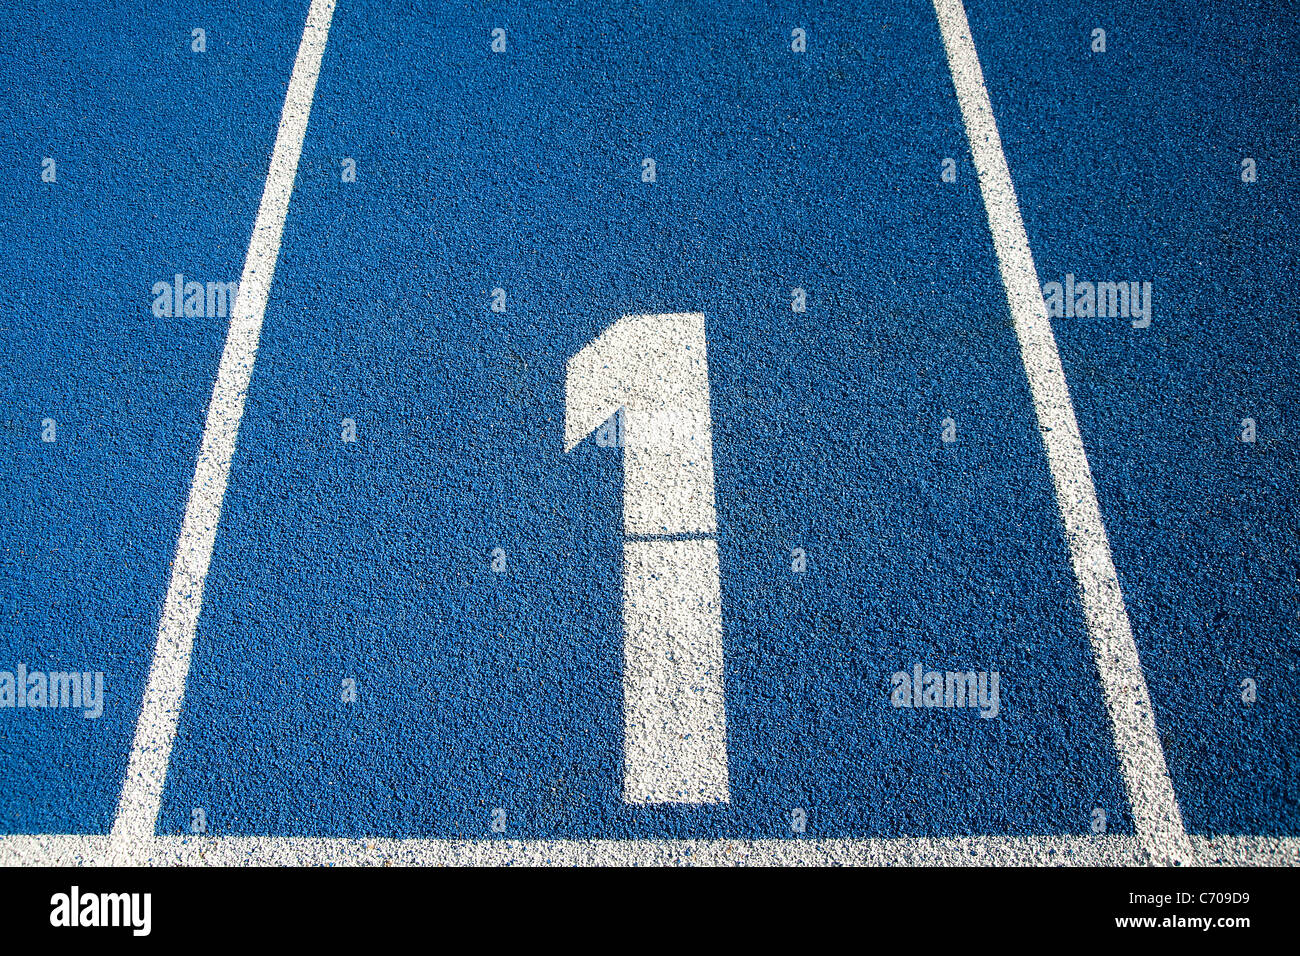 Número 1 en una pista de atletismo azul Imagen De Stock